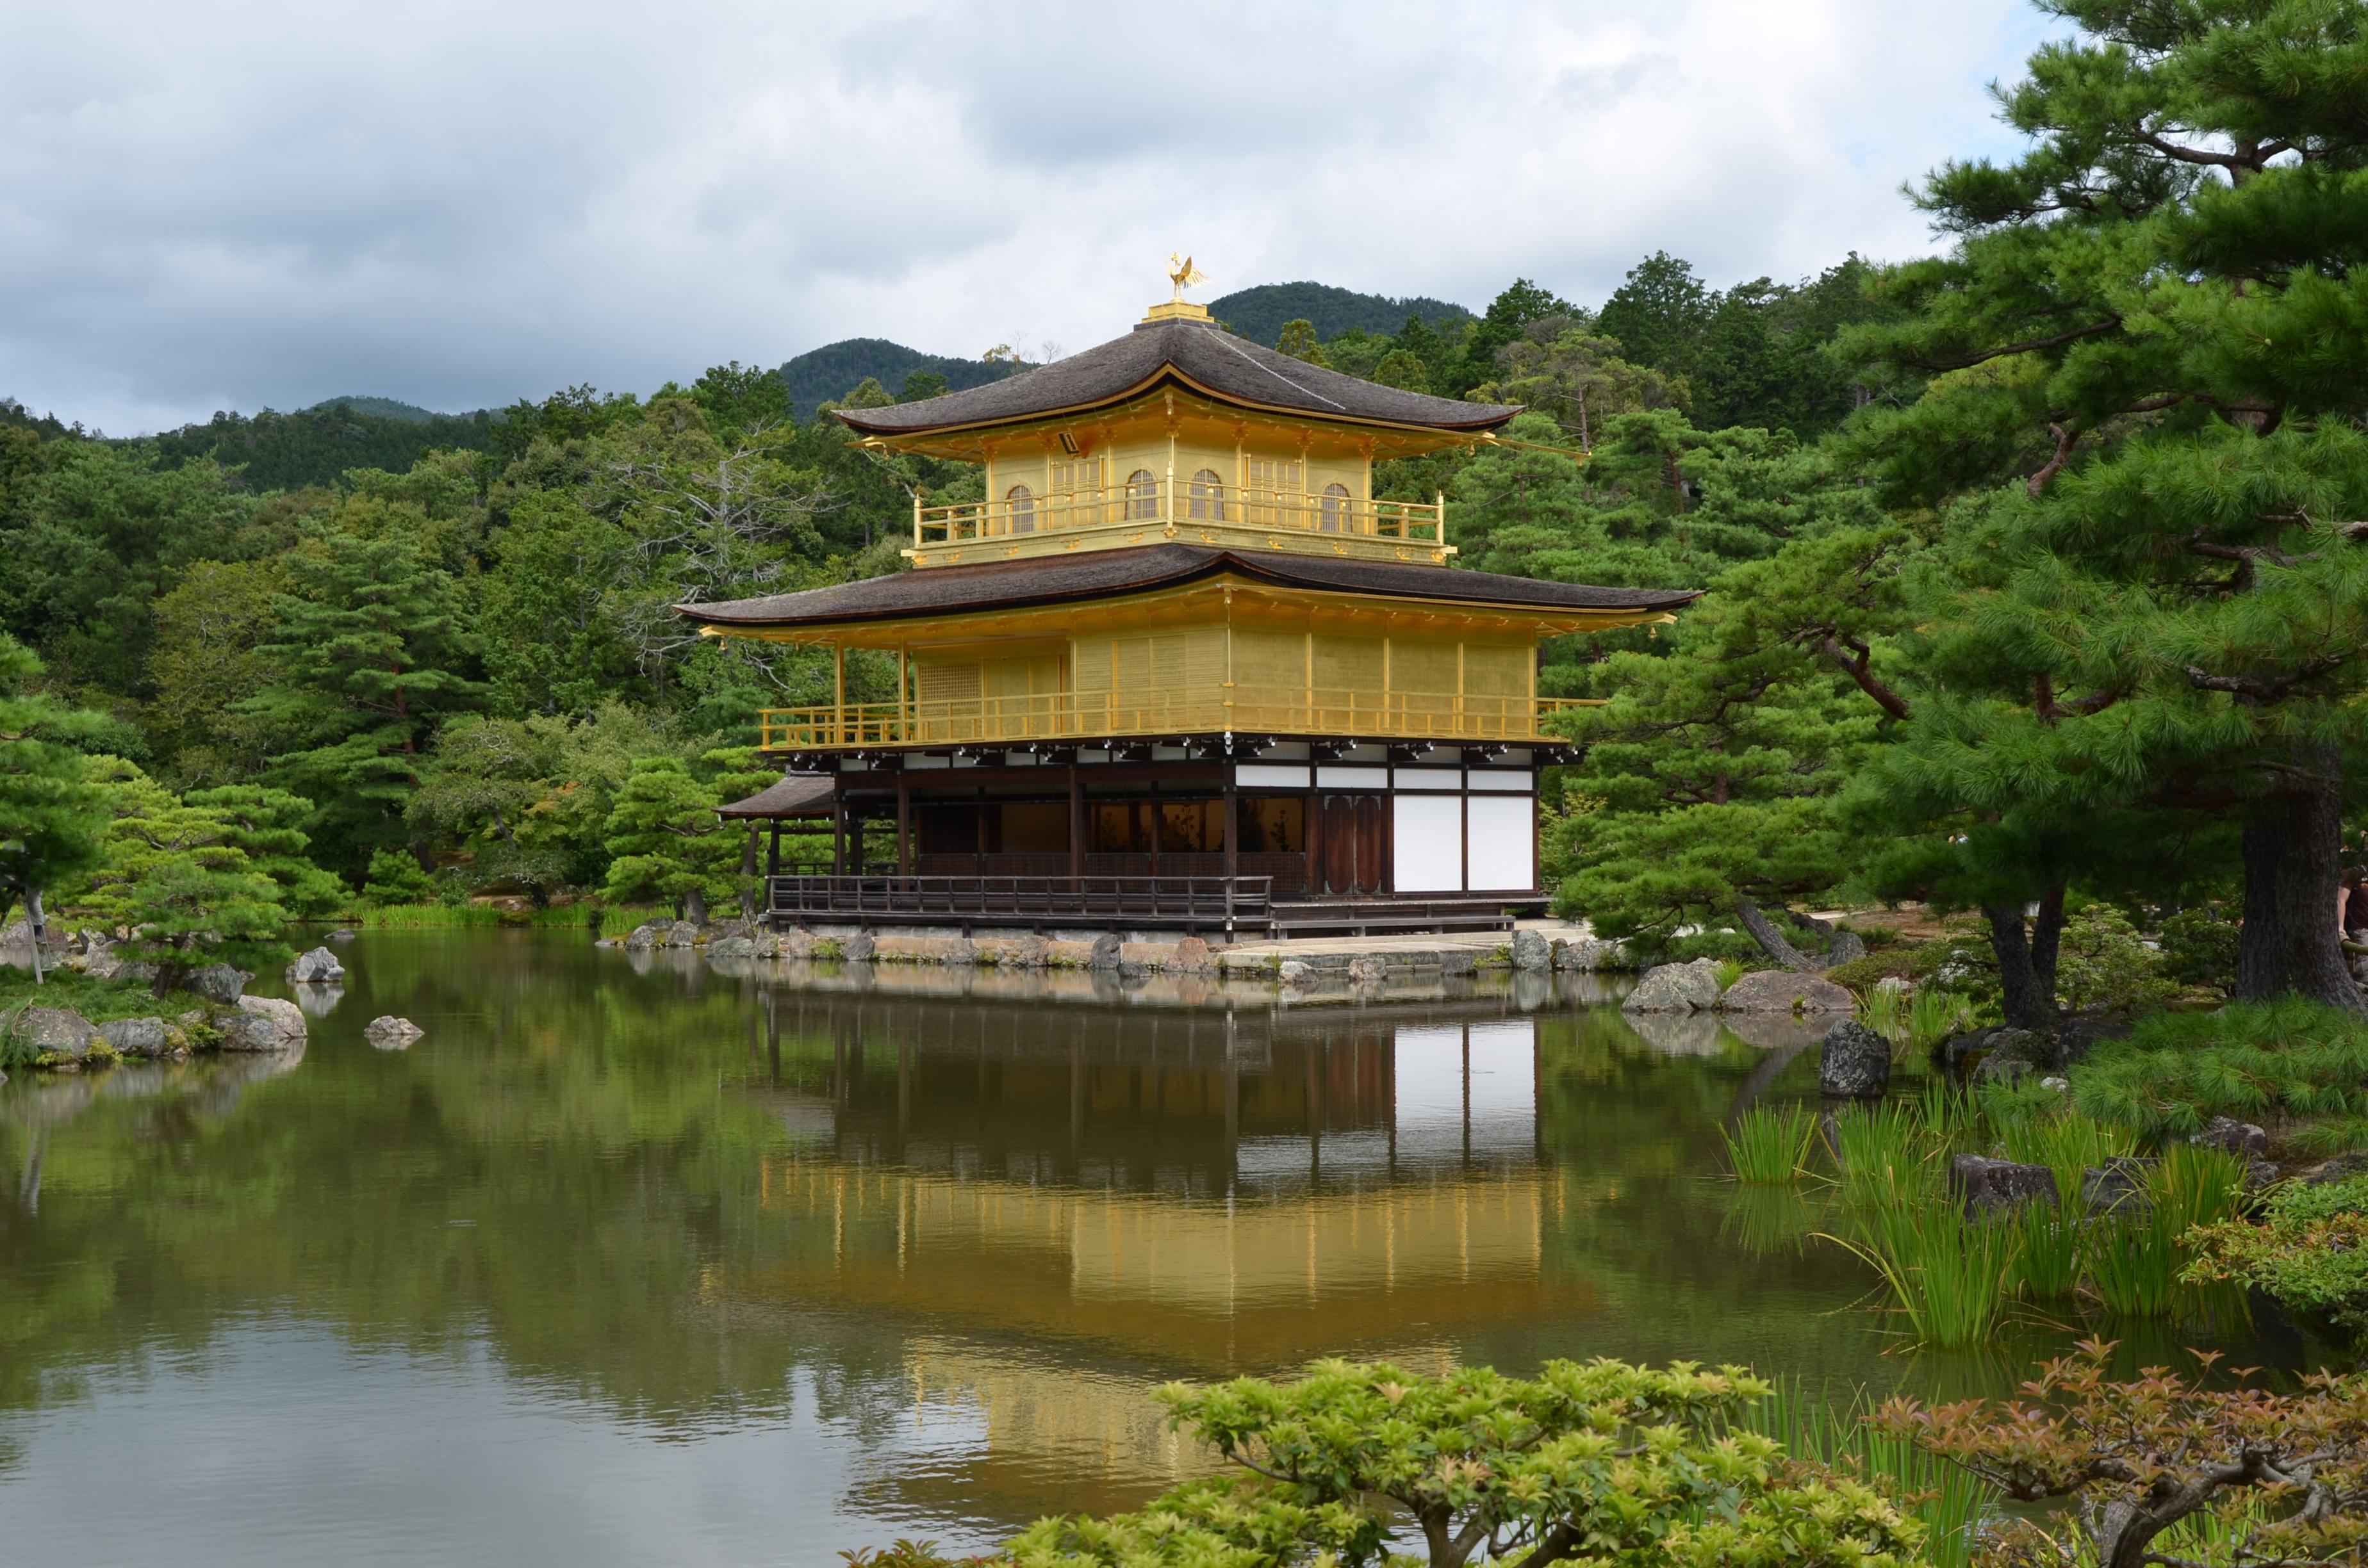 """Le Kinkaku-ji ou """"Pavillon d'or"""", situé à quelques kilomètres seulement du Centre international de Kyoto (photo personnelle)"""